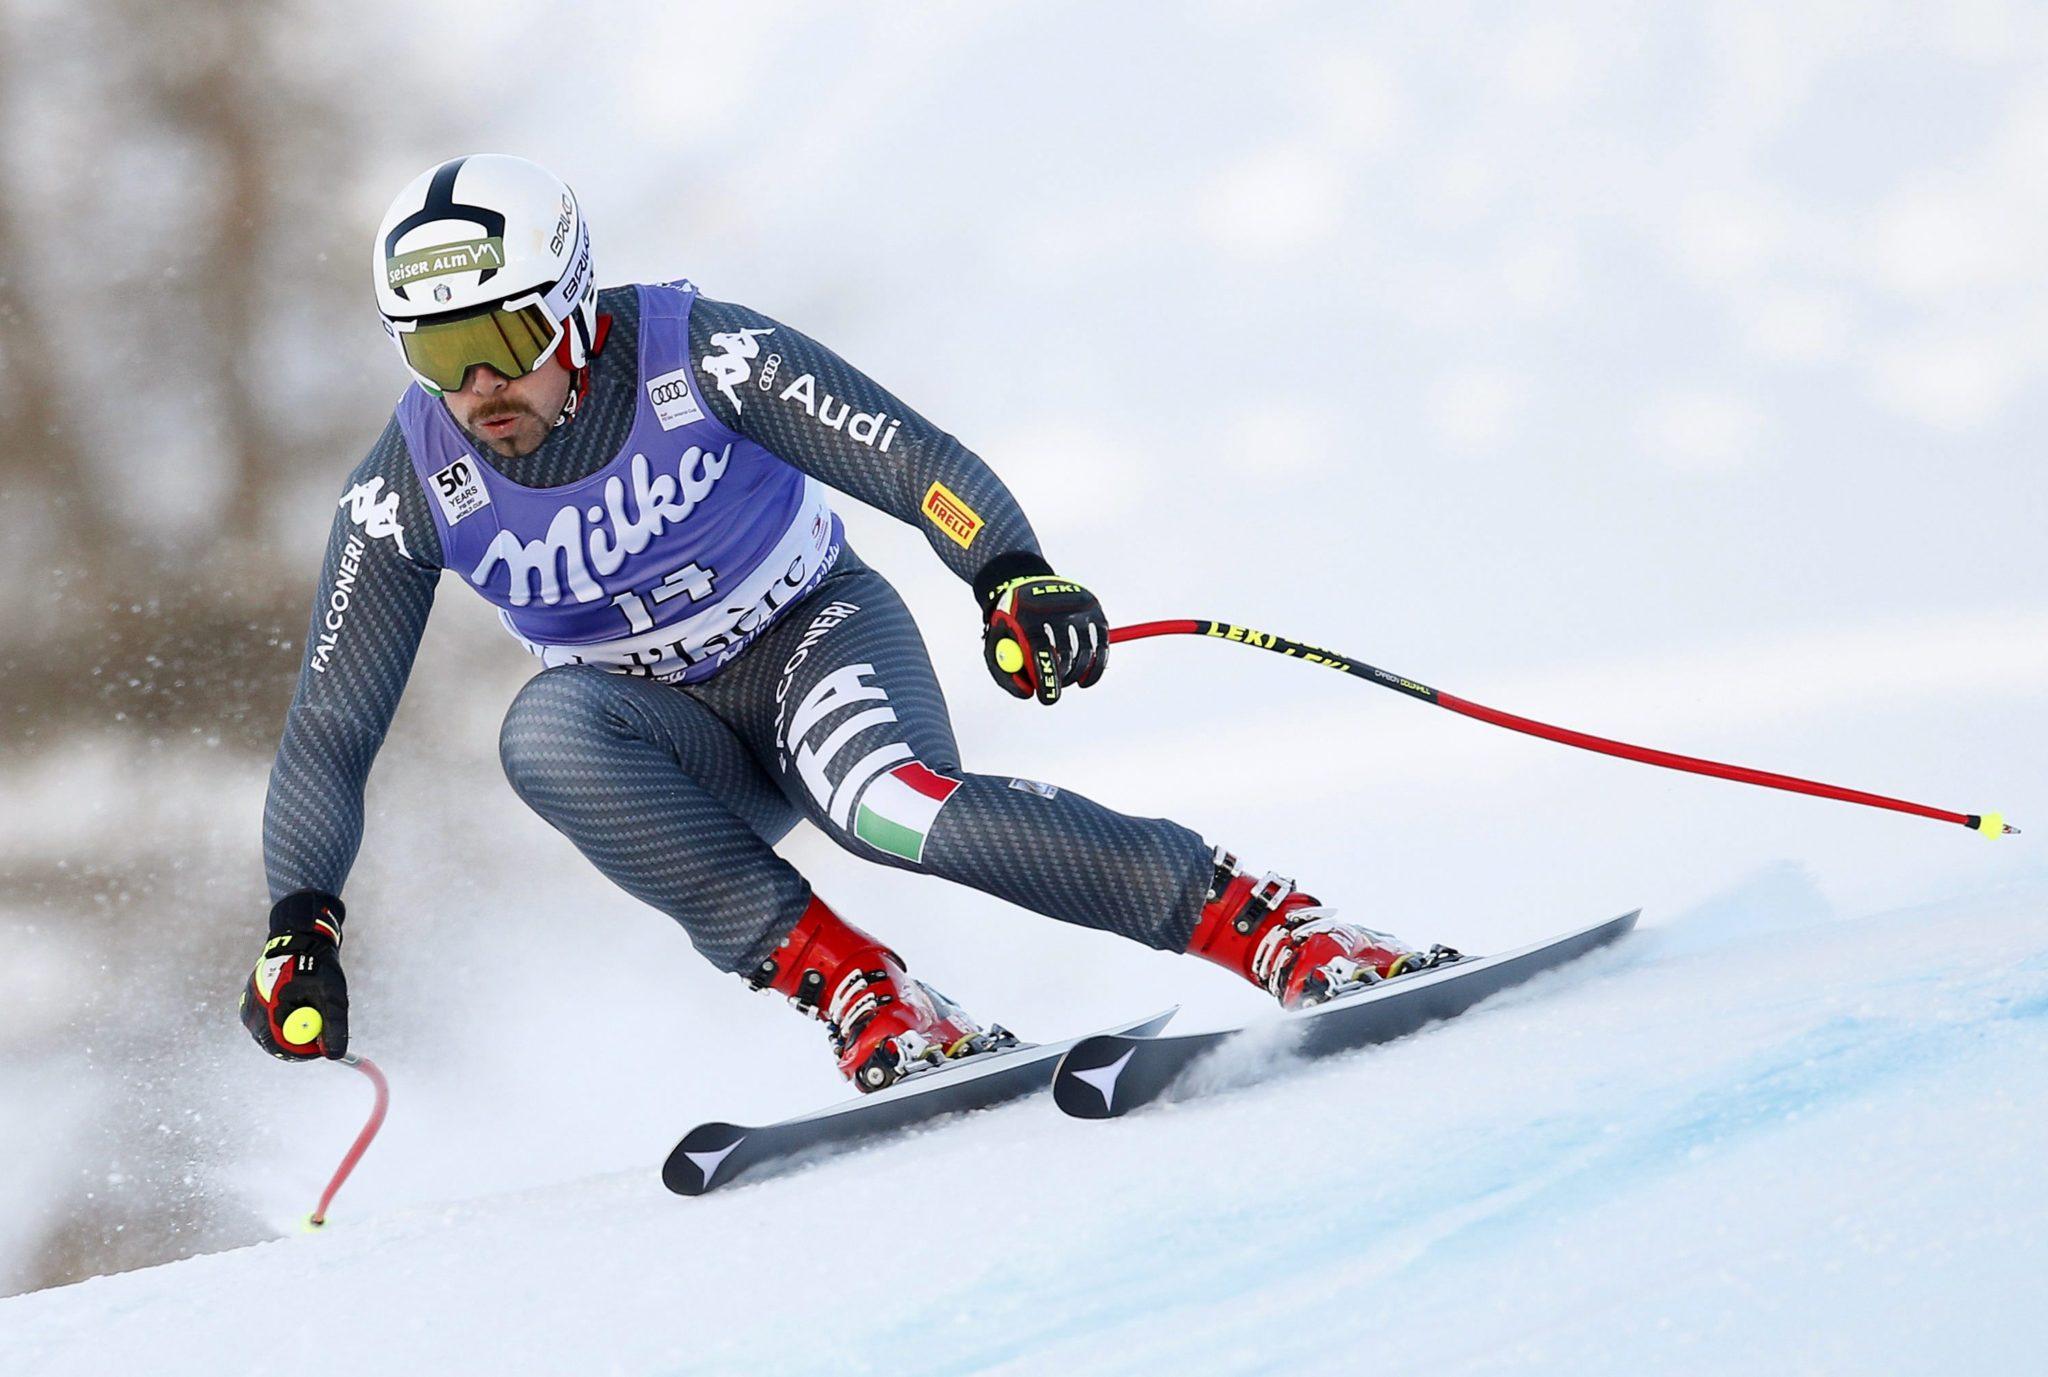 Francja: zawody pucharu świata w narciarstwie alpejskim w Val d'lsere (foto. PAP/EPA/GUILLAUME HORCAJUELO)